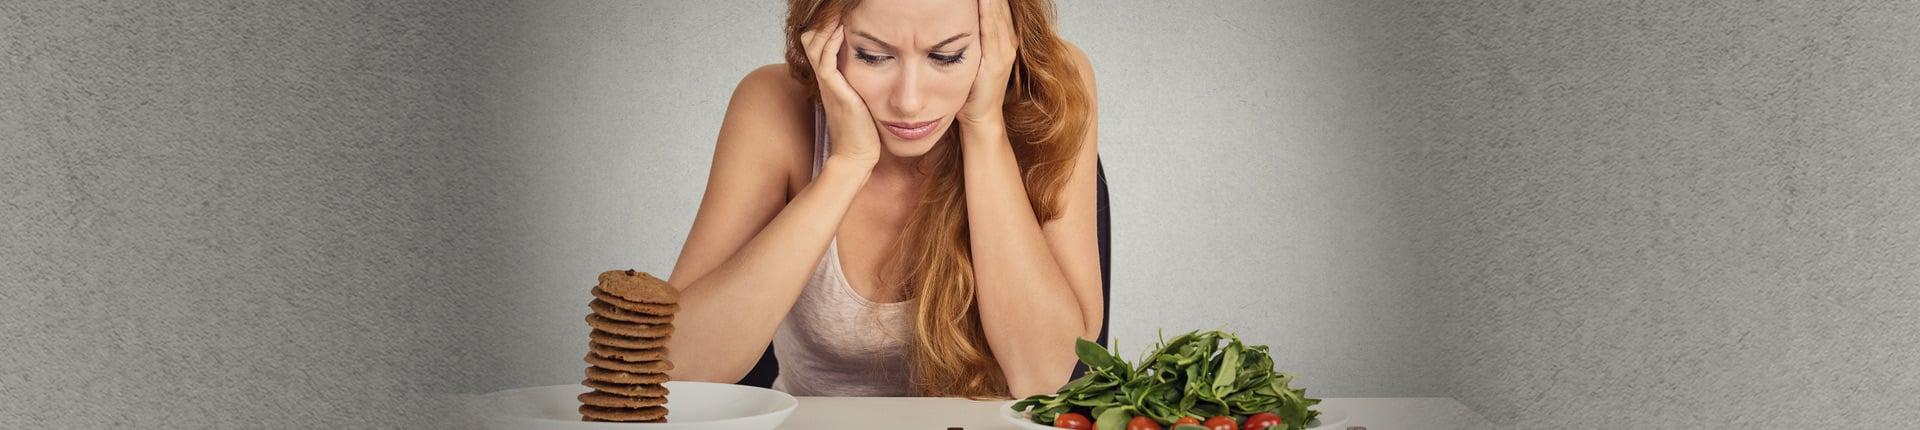 Dieta, dlaczego utrudniamy sobie życie?